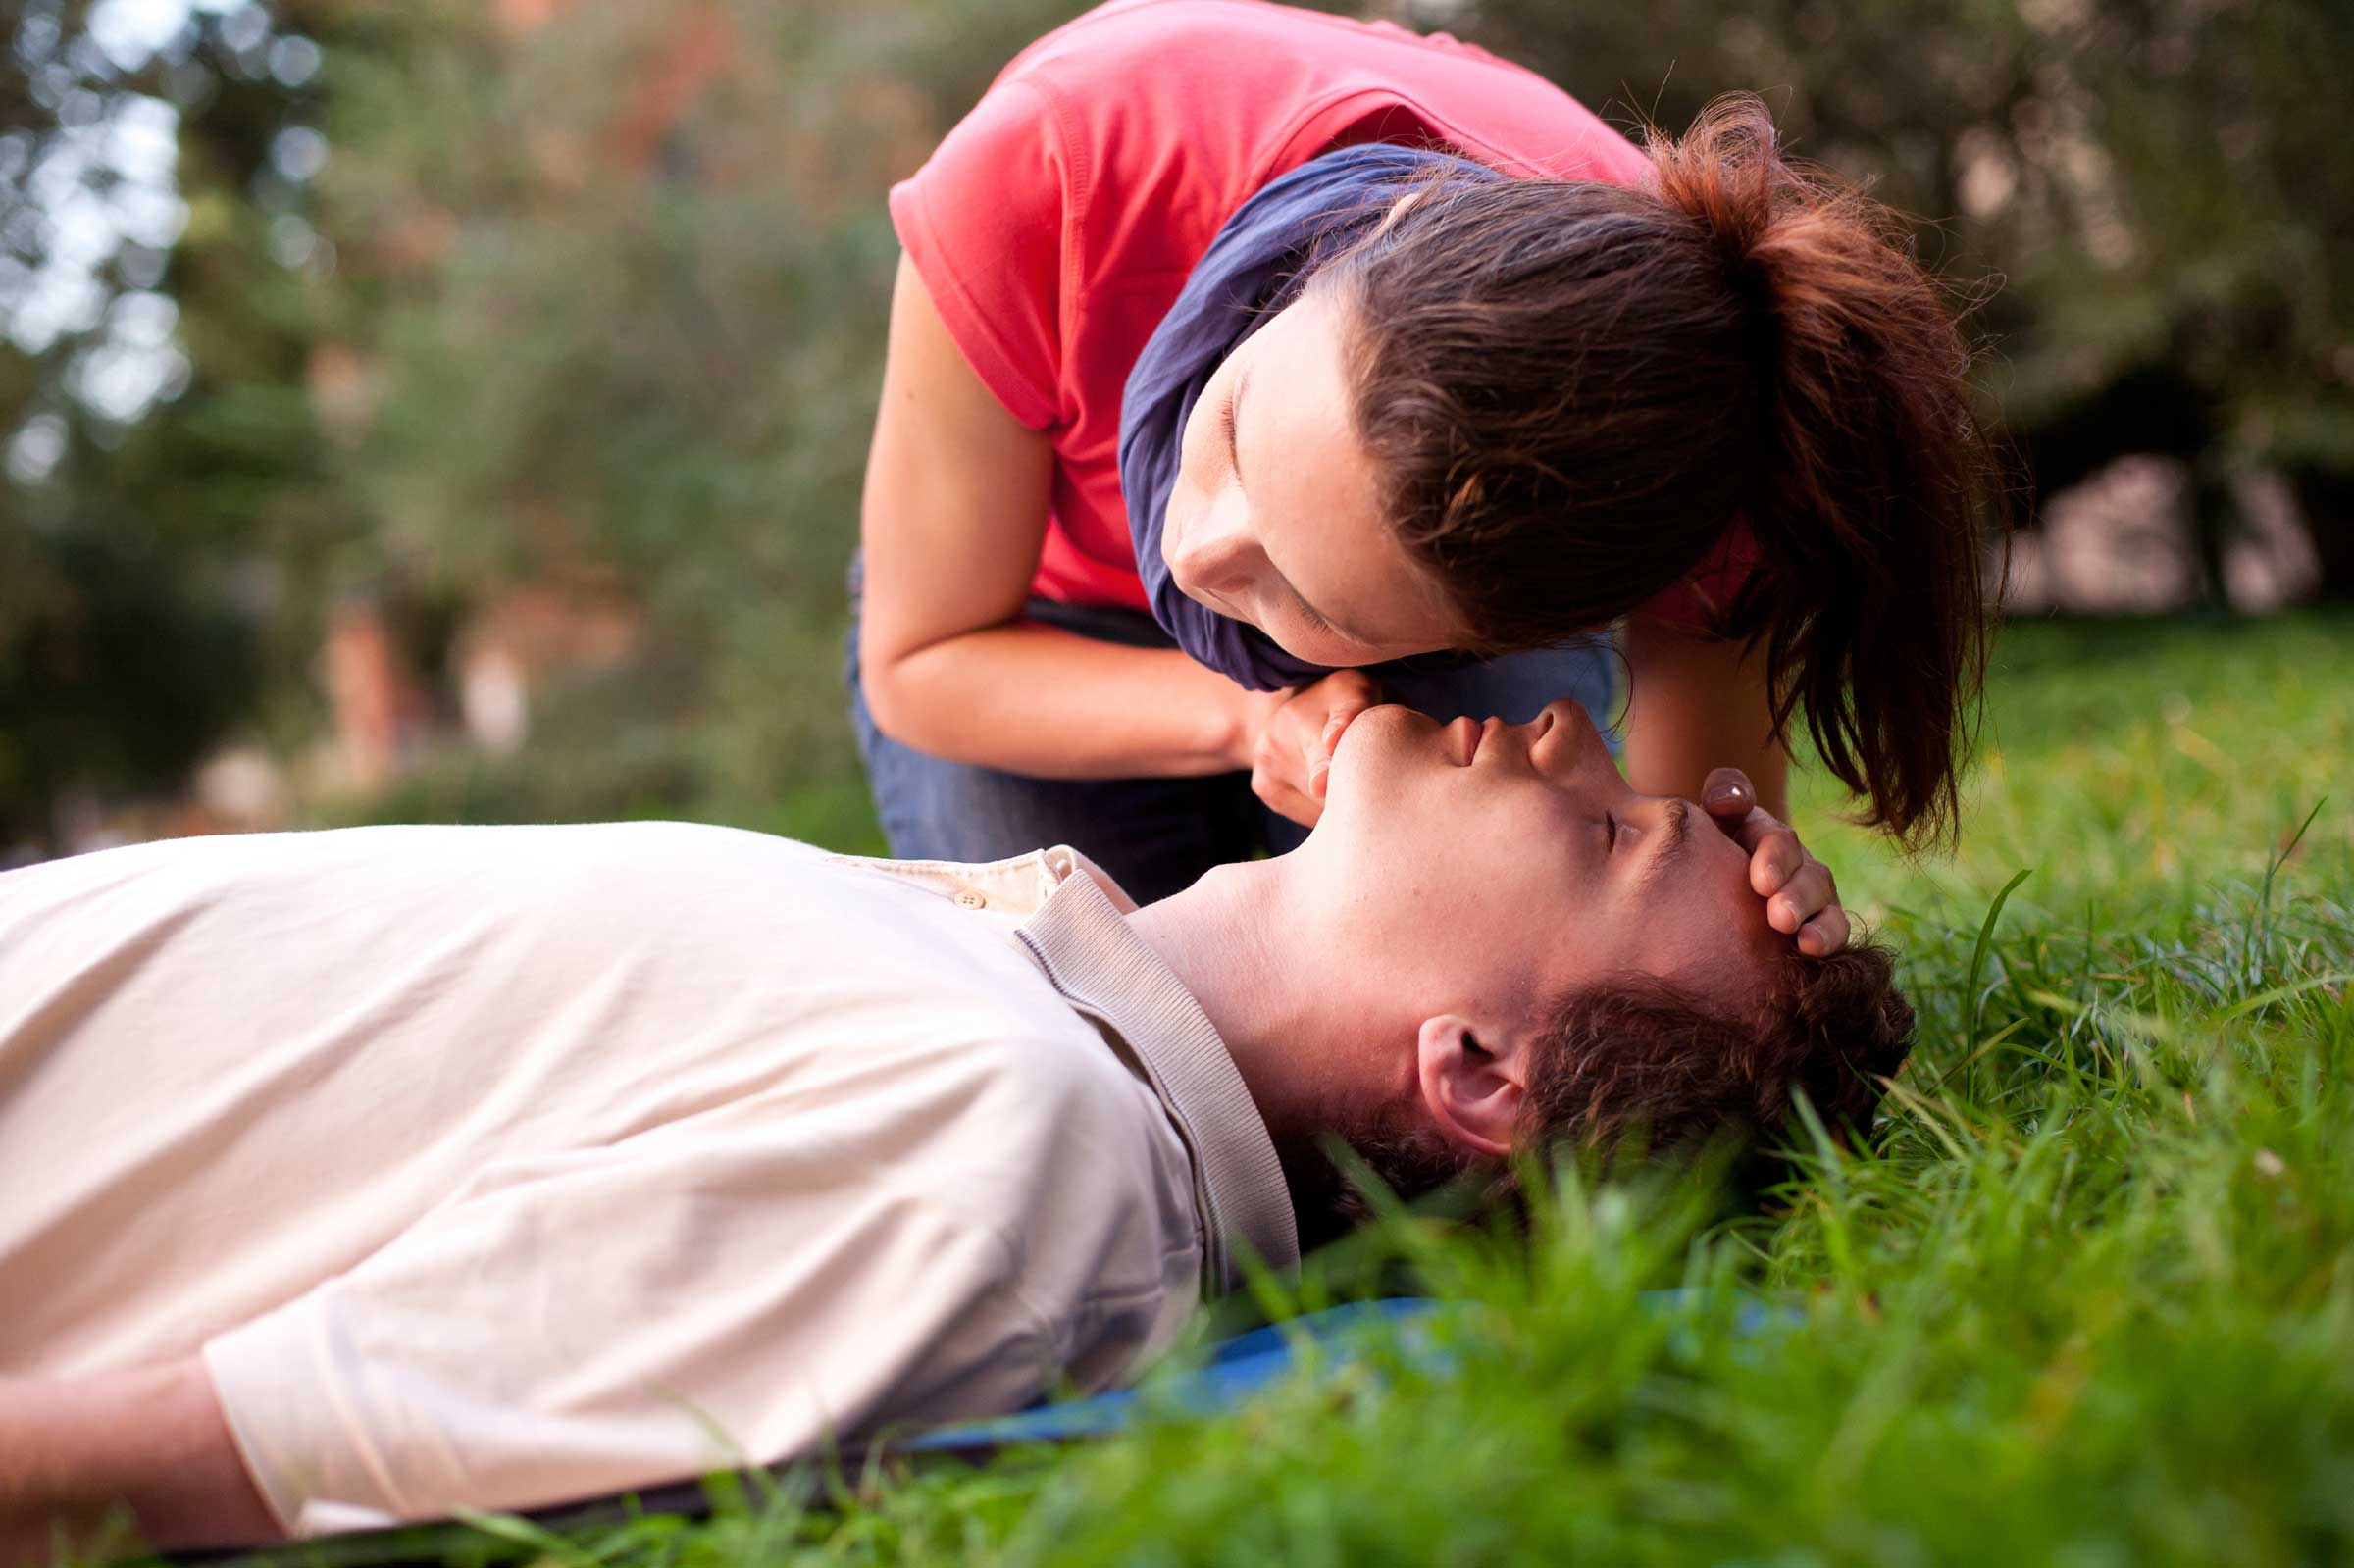 Сердечно-легочная реанимация по новым стандартам - первая помощь при остановке сердца и дыхания